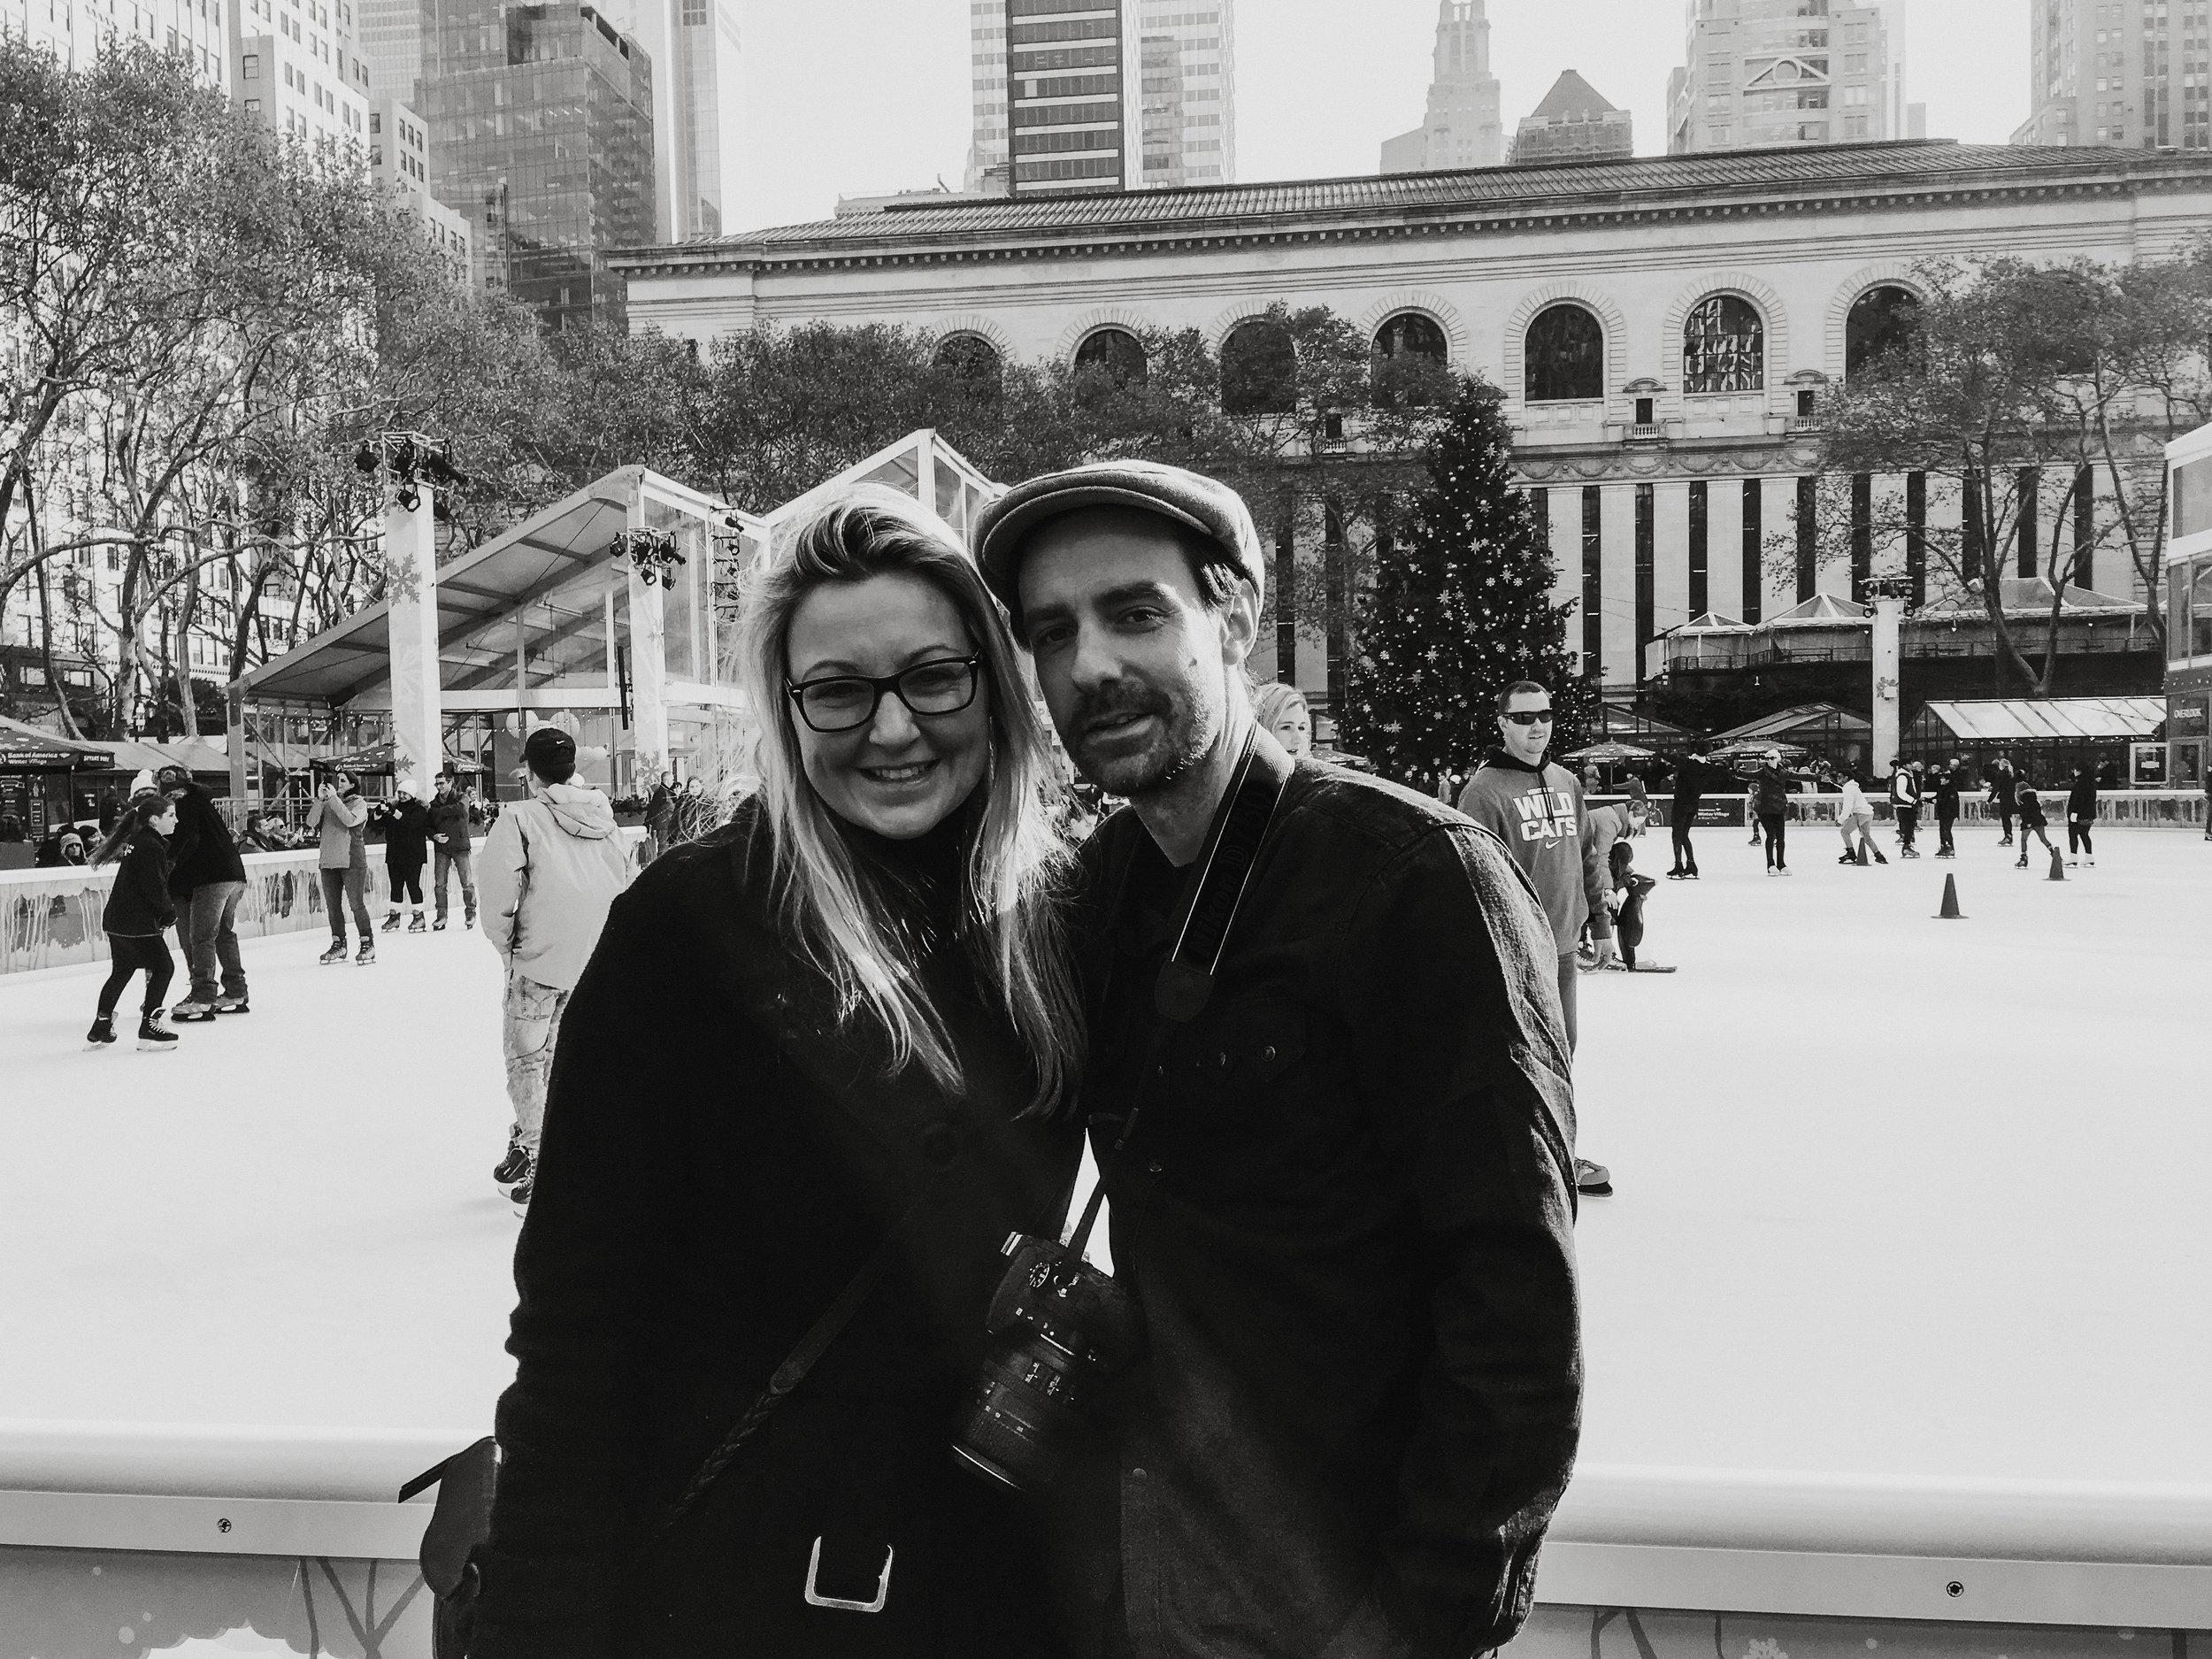 NYC-Xmas.jpg